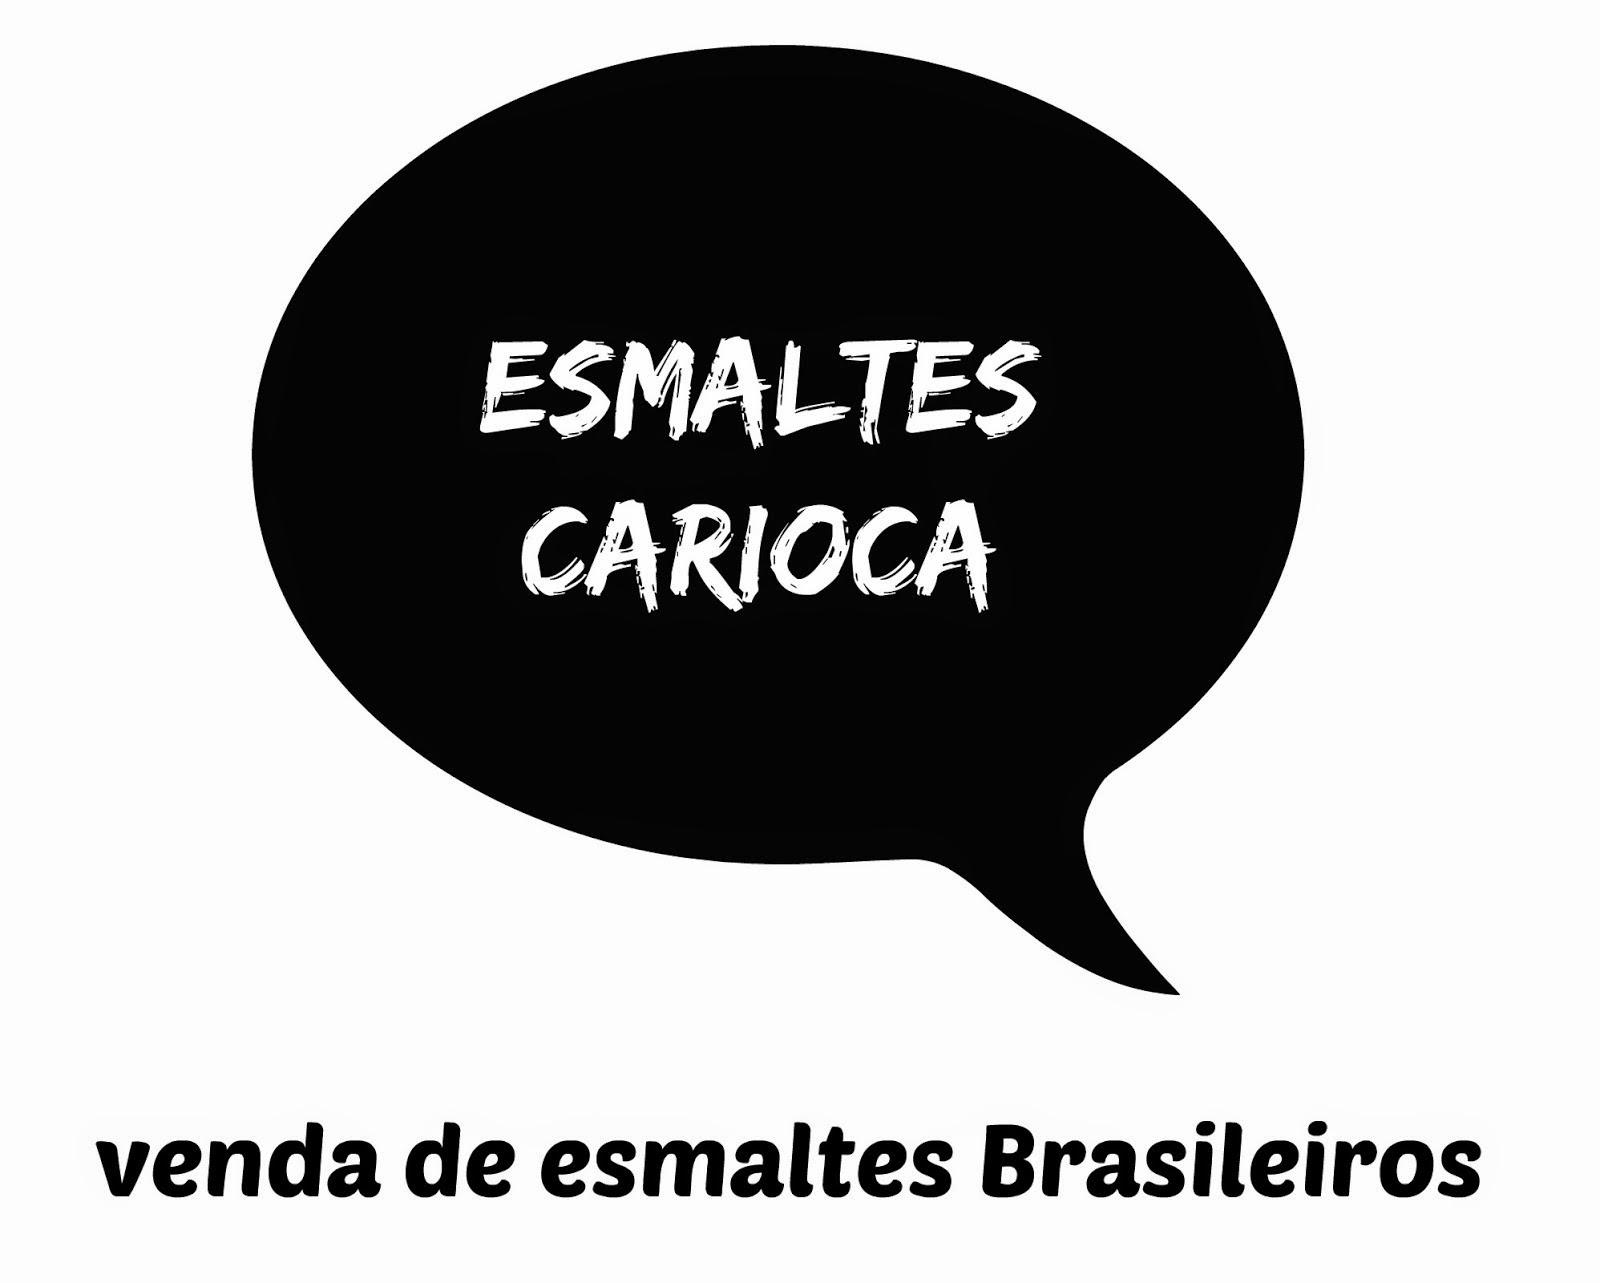 Esmaltes Carioca